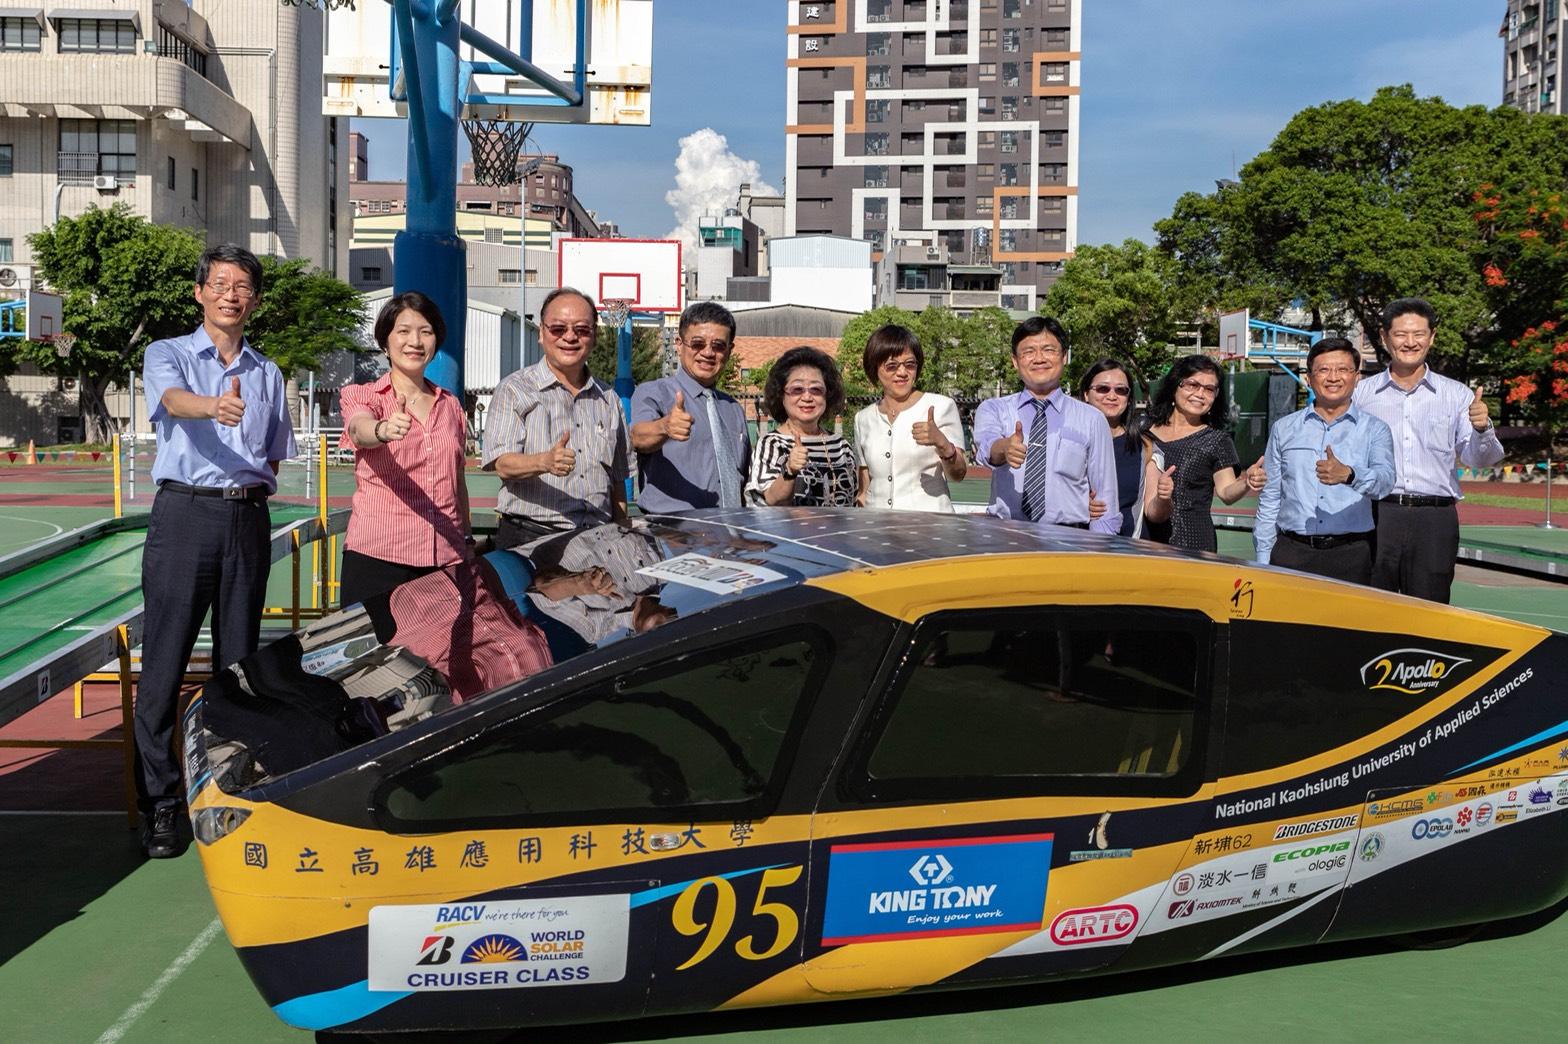 台灣高中職太陽能模型車十年耕耘有成 澳洲賽拼出台灣之光-太陽能教育